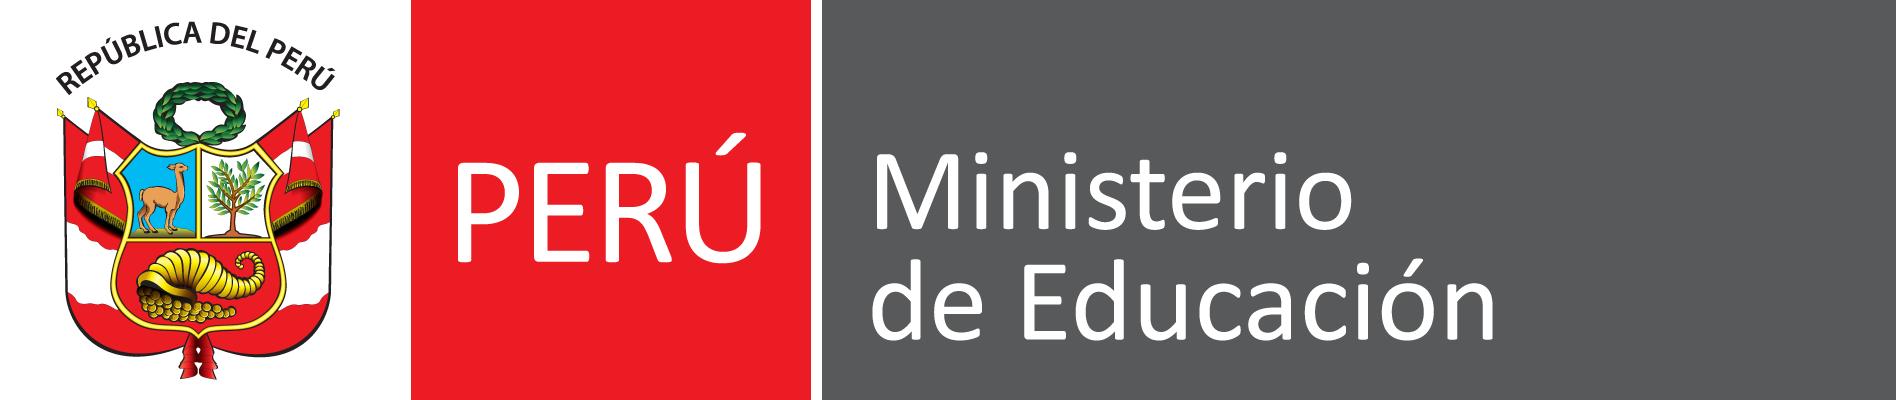 PCM-Educación.png Español: Colección Ministerios de la República del Perú Date 29 December 2017 Source Own work Author CanalesQuintanilla